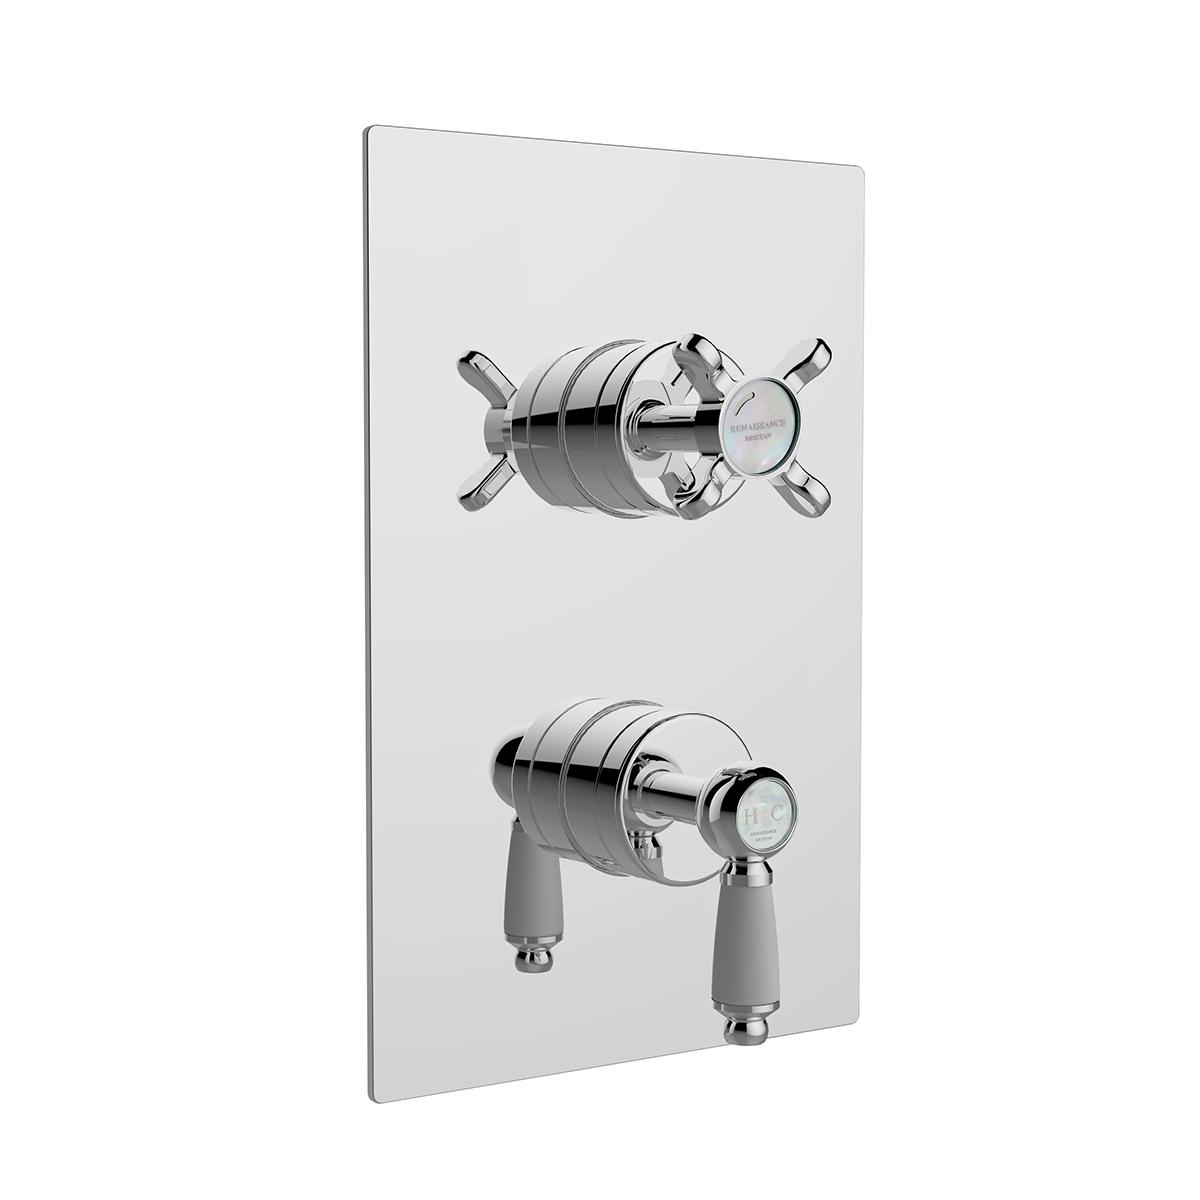 Recessed Concealed Shower Valve